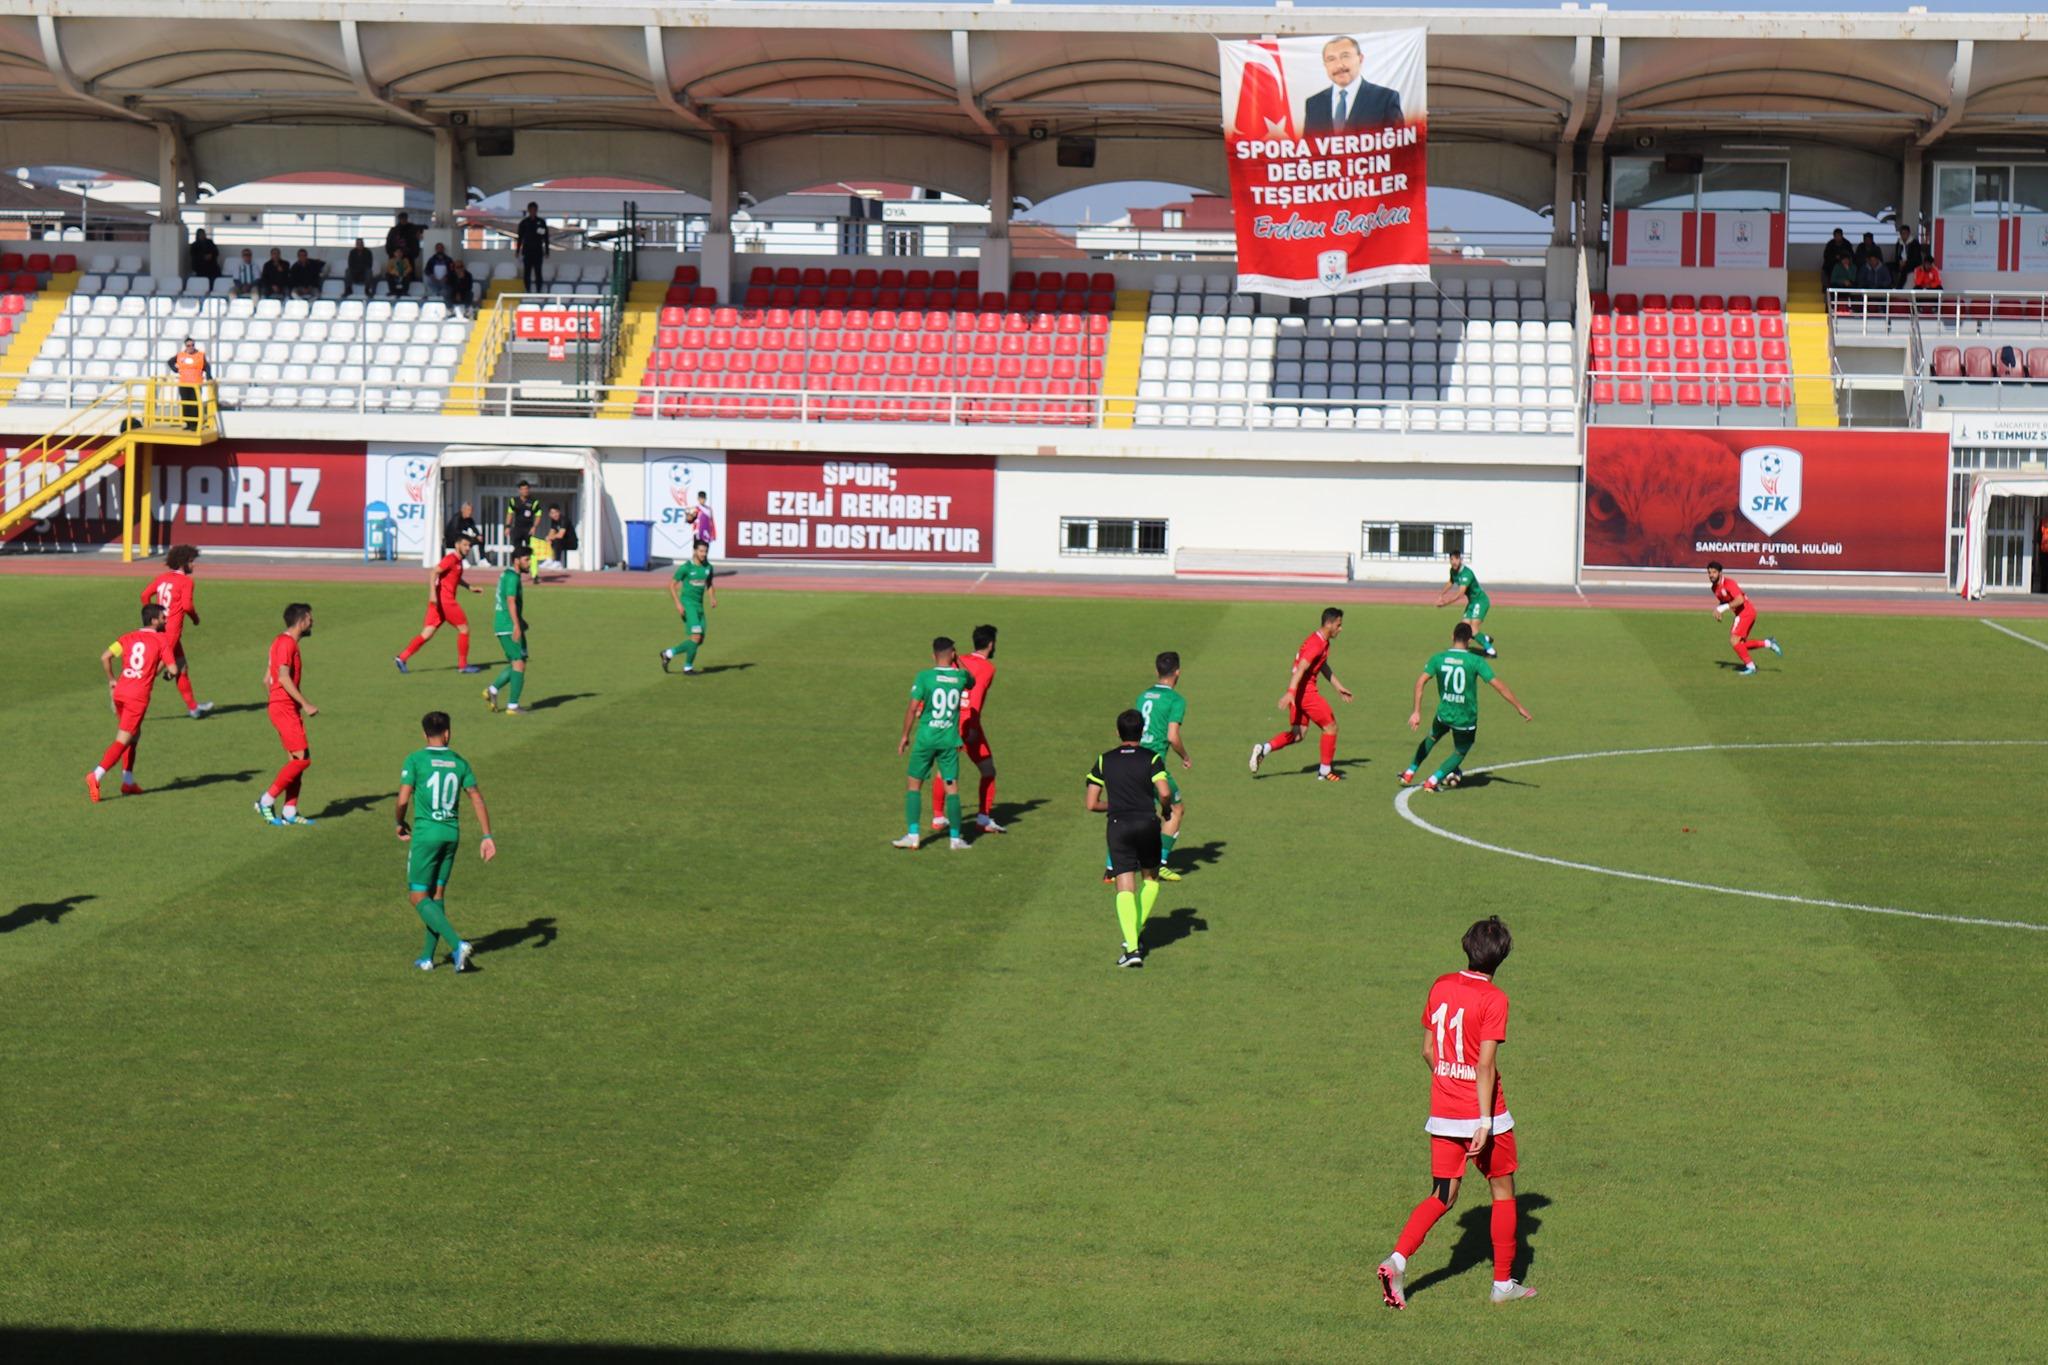 TFF 2. Lig'de 11. hafta maç  sonuçları